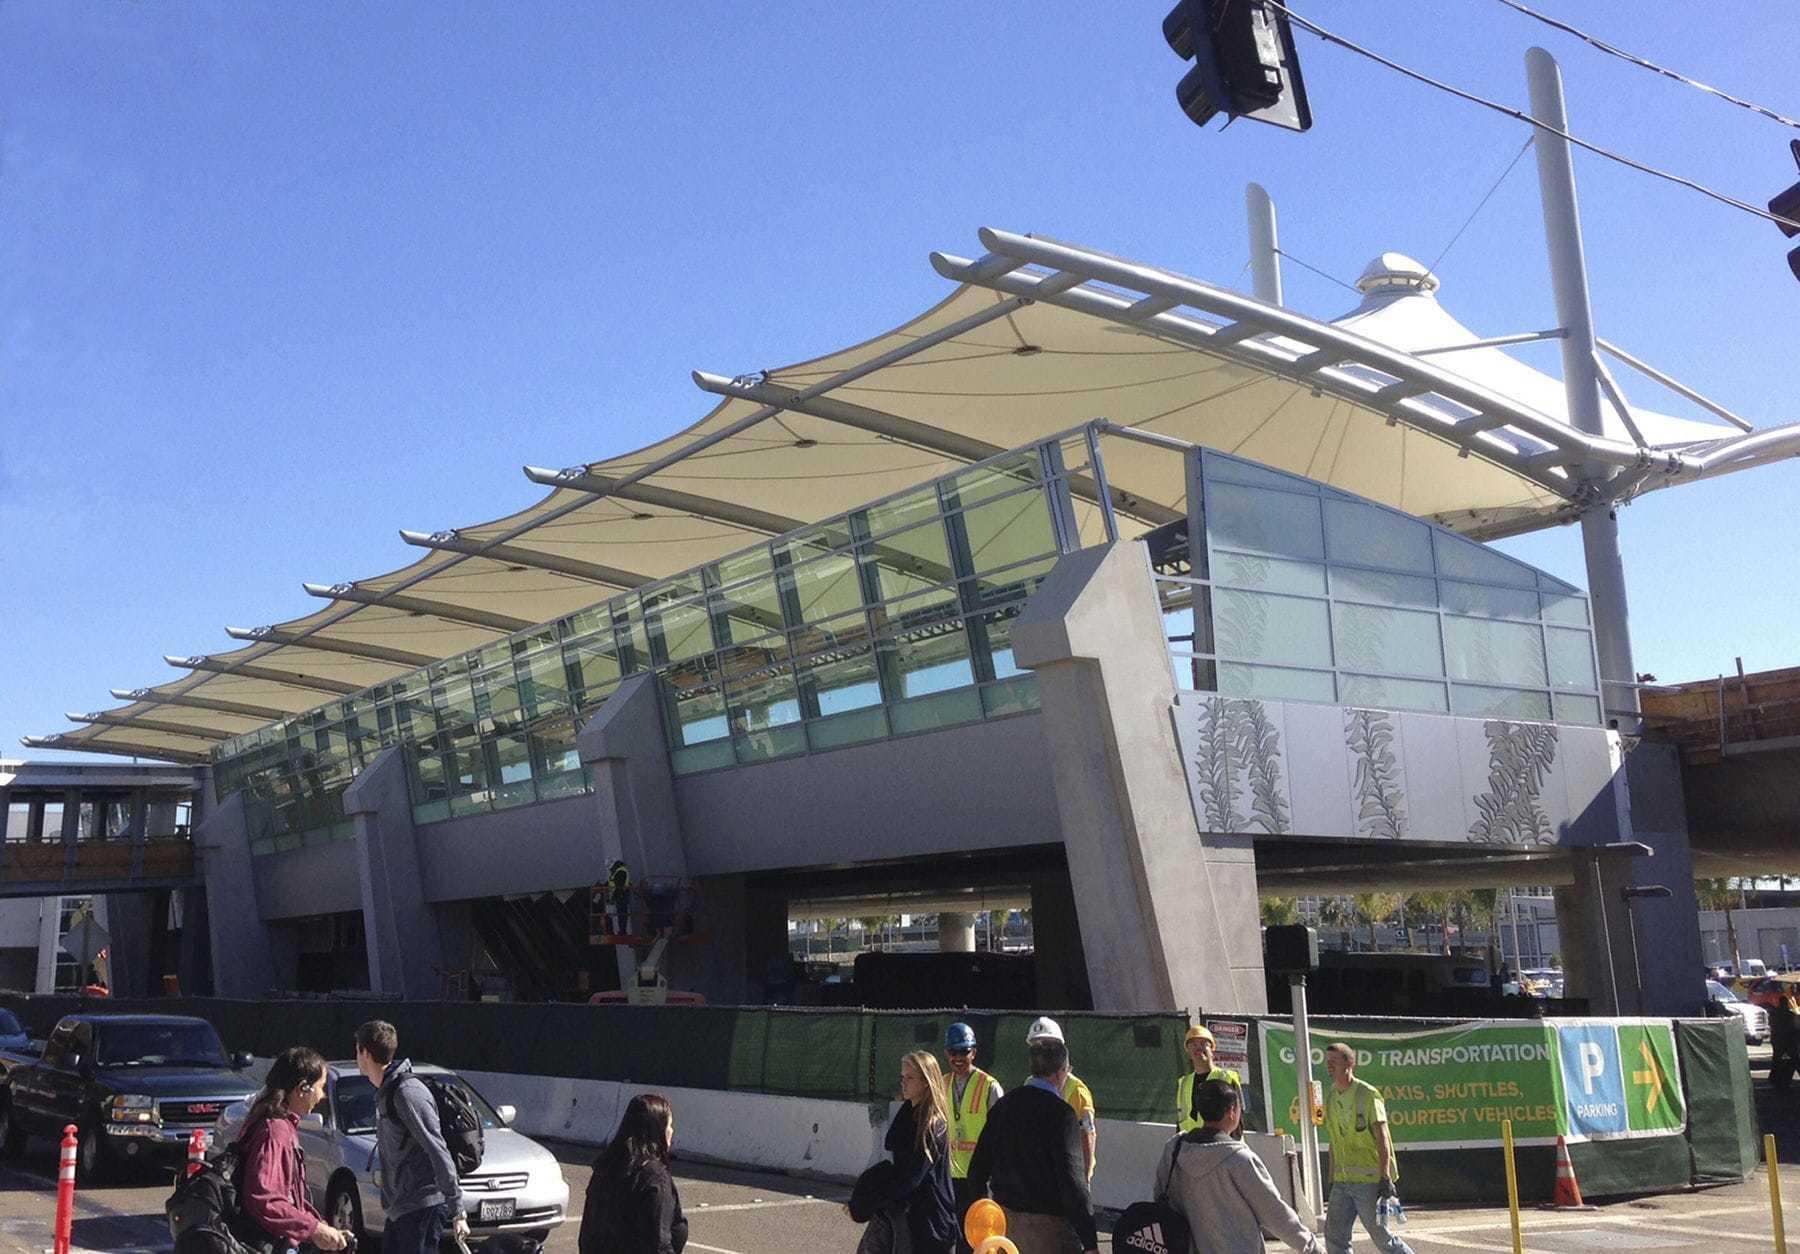 Stadium Roofing Structure